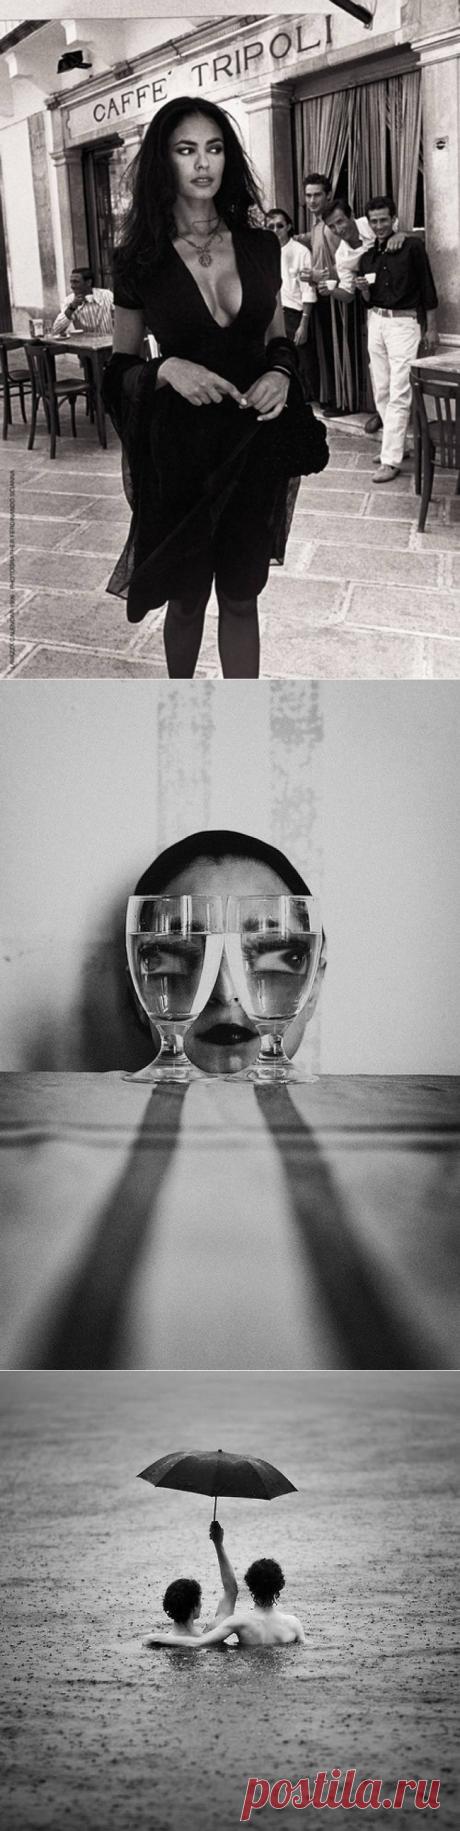 18 потрясающих черно-белых фотографий, в которых скрывается глубокий смысл - Я узнаю